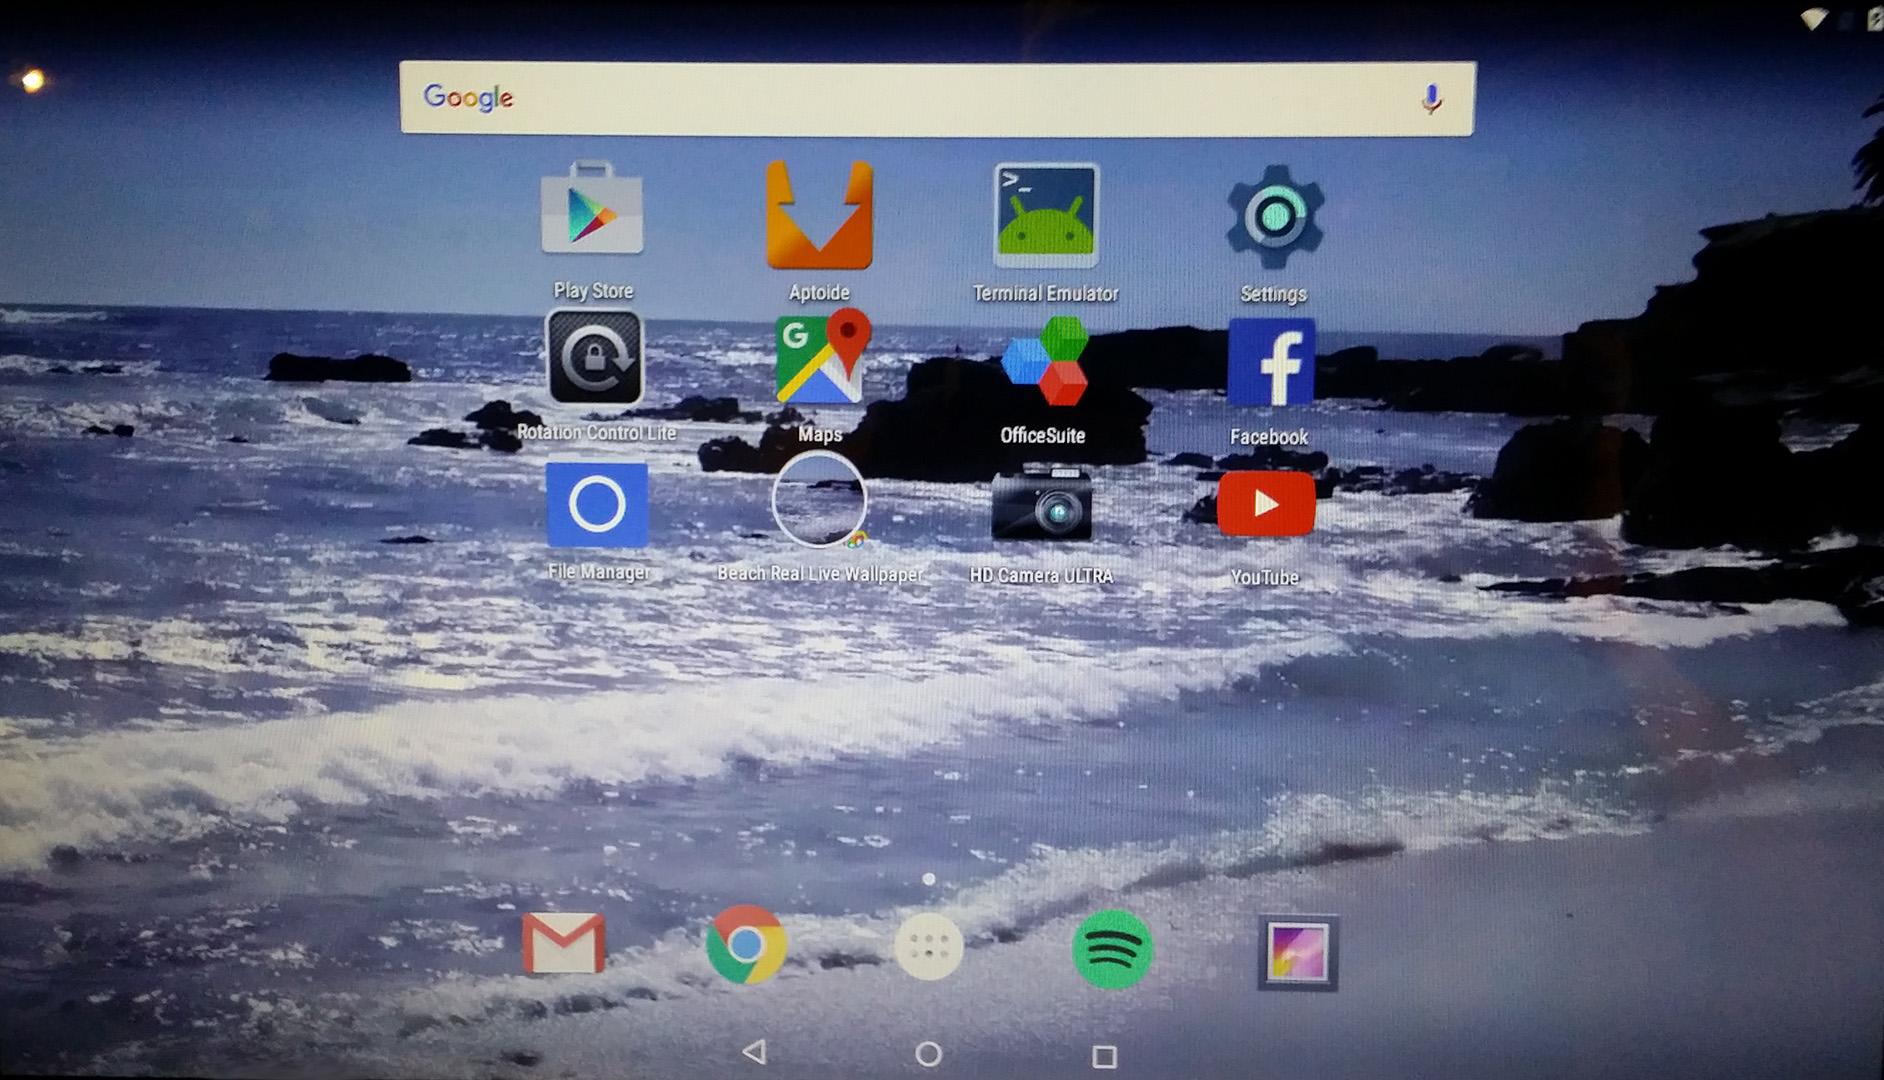 Android 6.0 Marshmallow aterriza en tu PC usando Android-x86 6.0-rc1 1